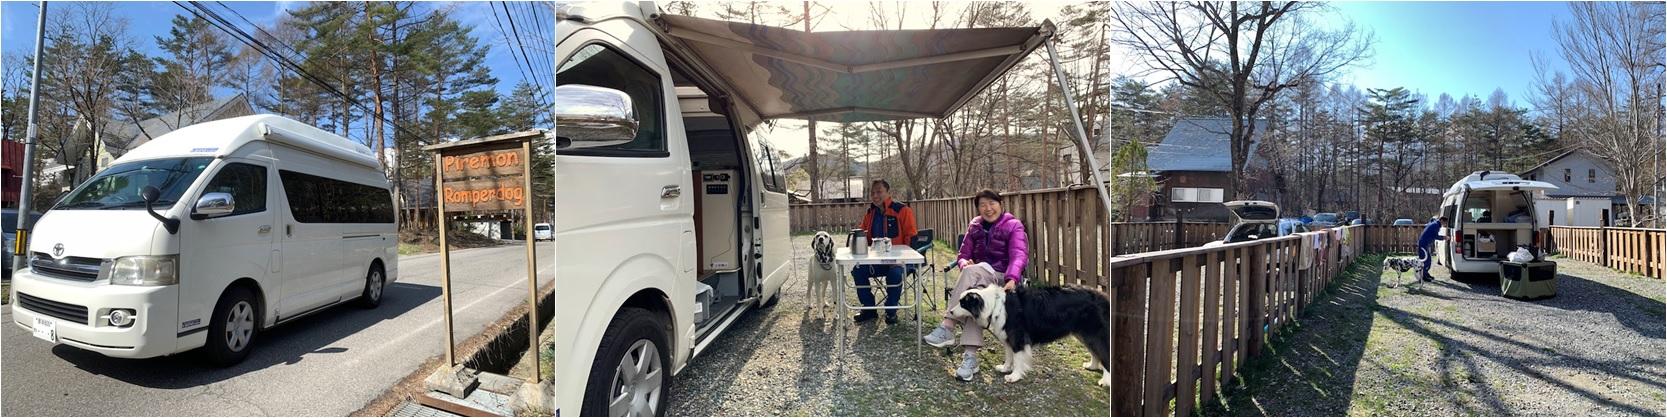 愛犬と共に9日間/白馬・山中湖・輪島の旅・・・体験レポート(お客様の声)を更新